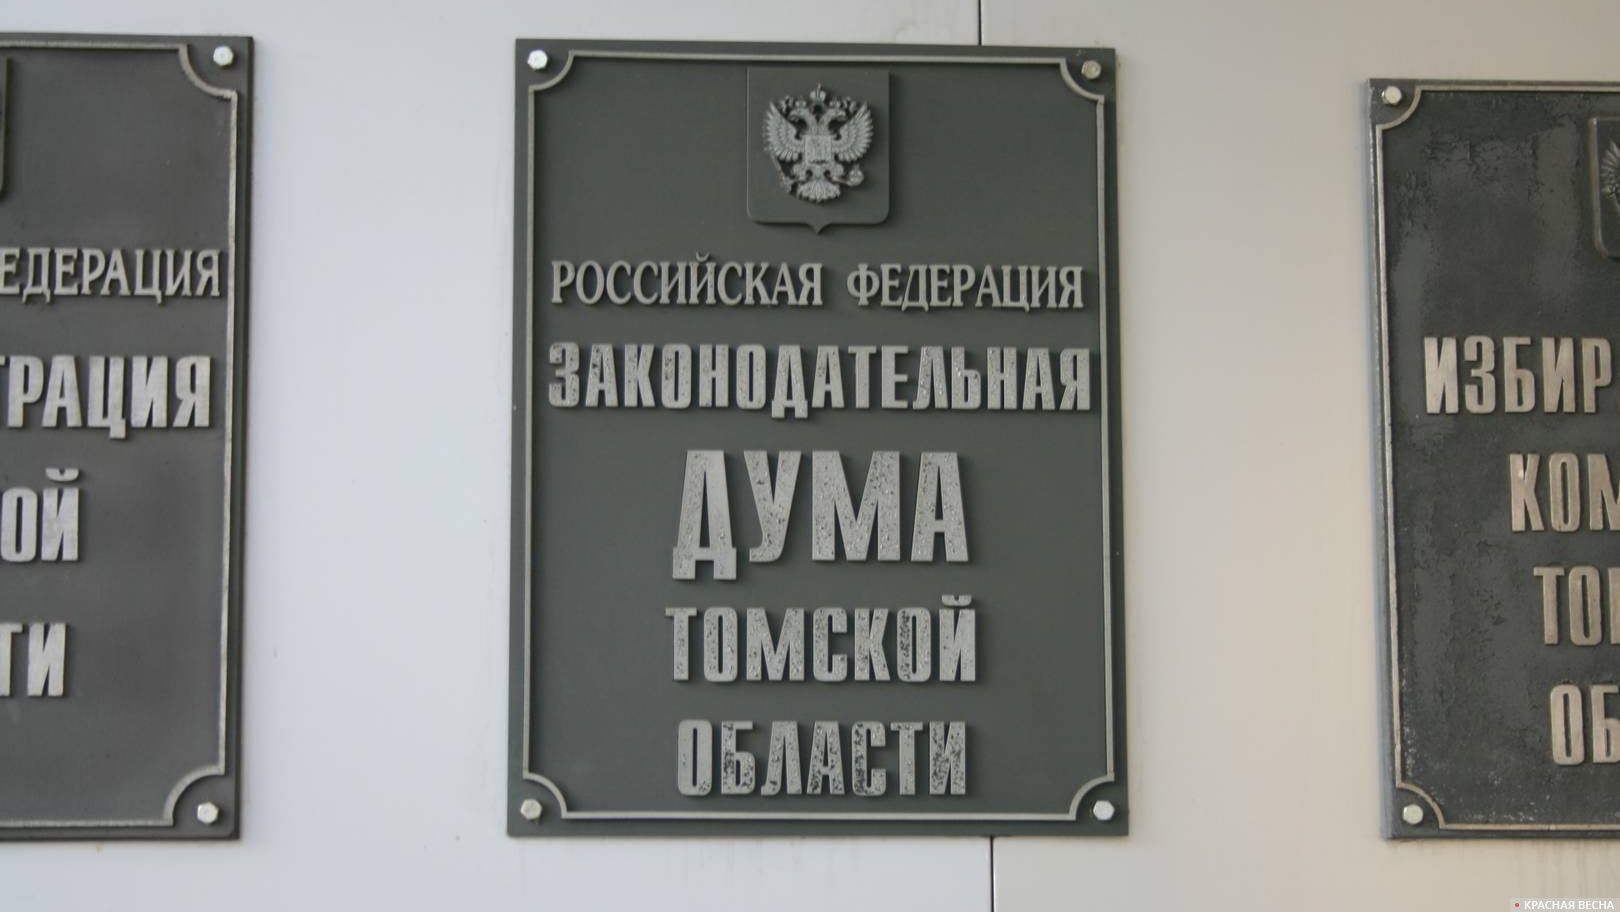 Законодательная Дума Томской области